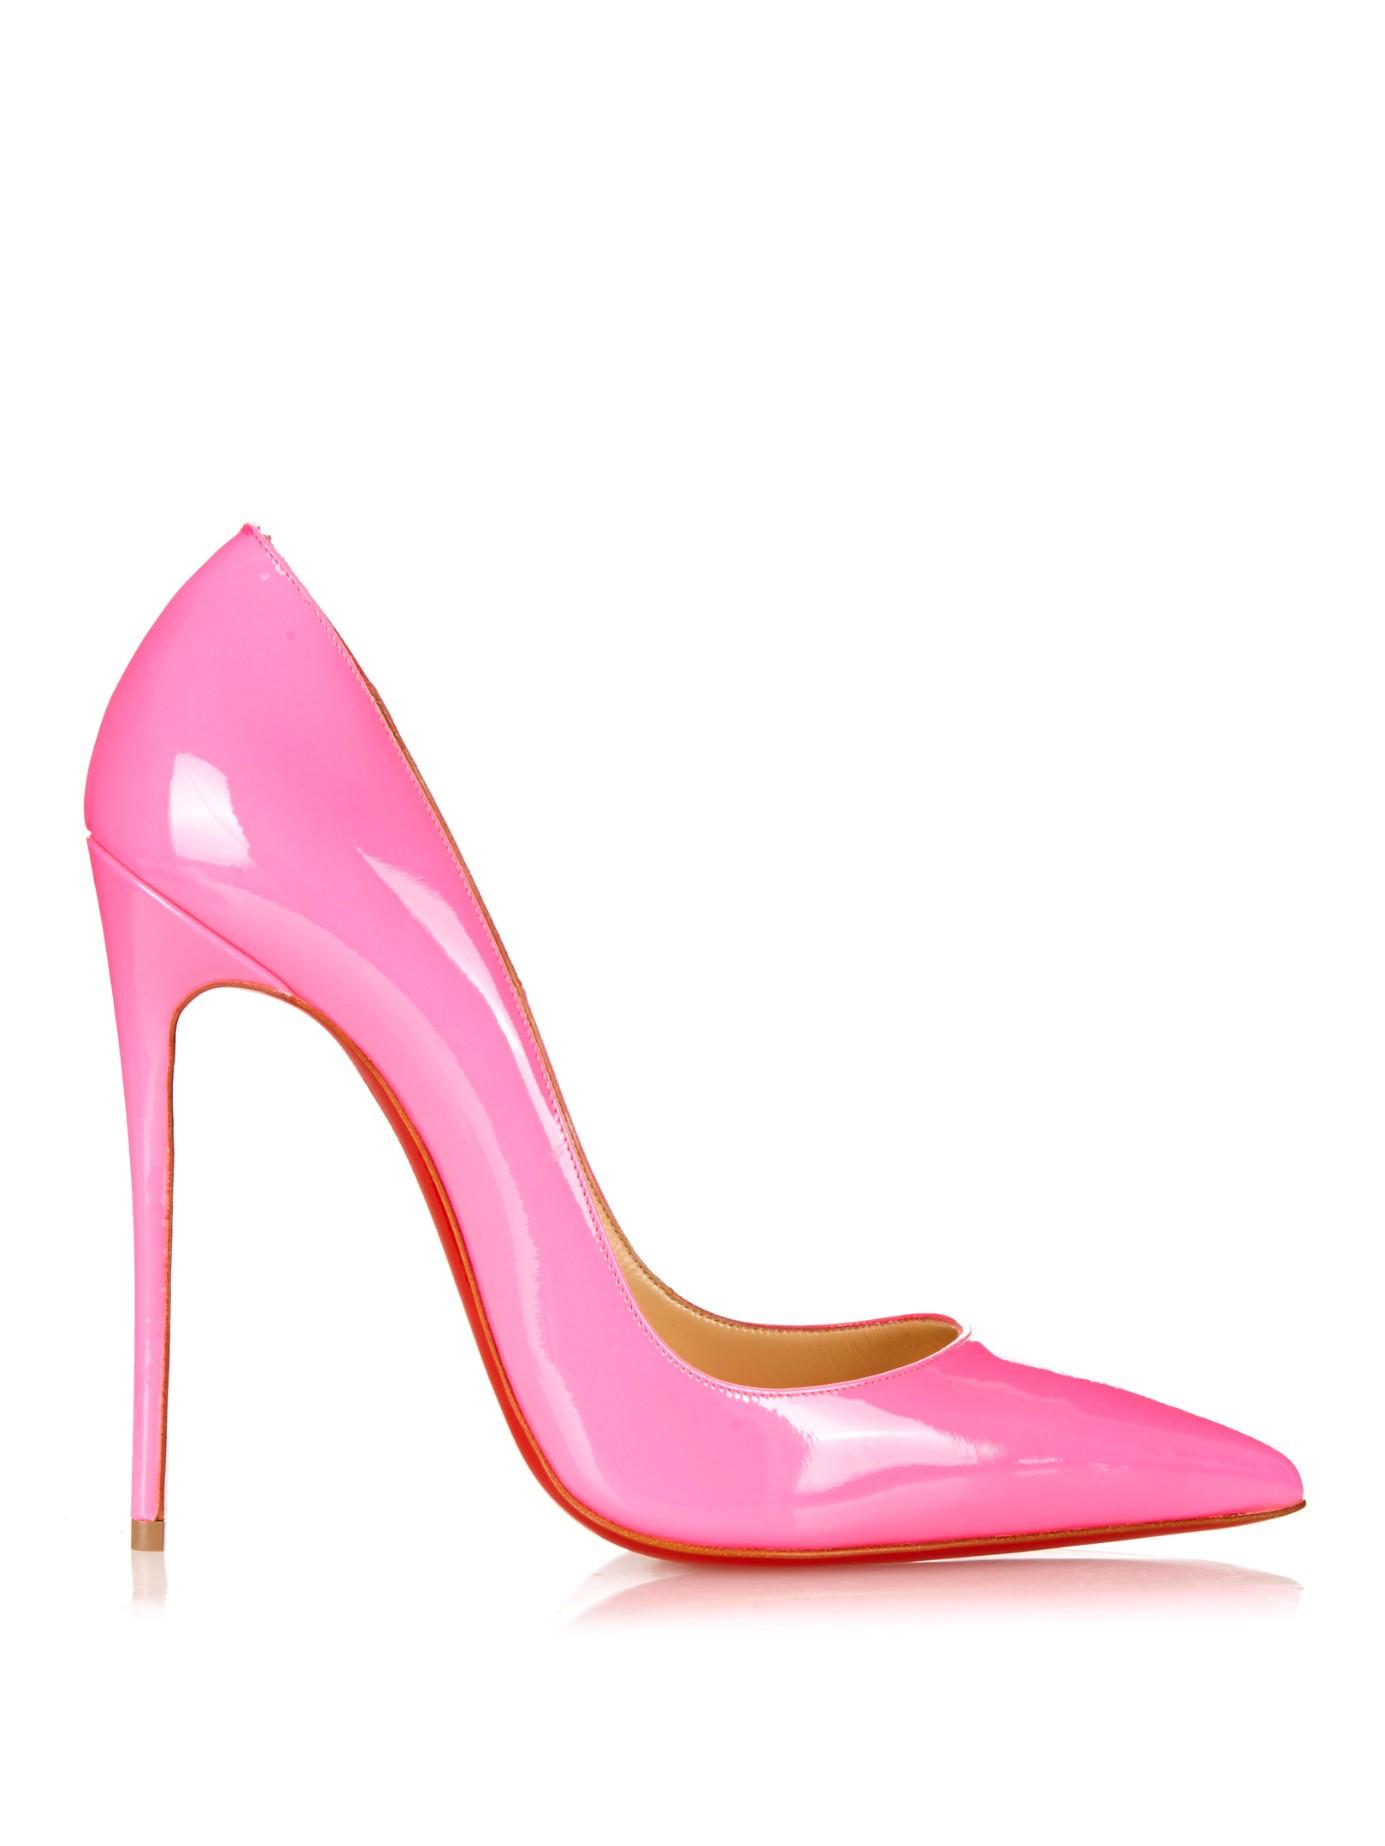 louboutin pink